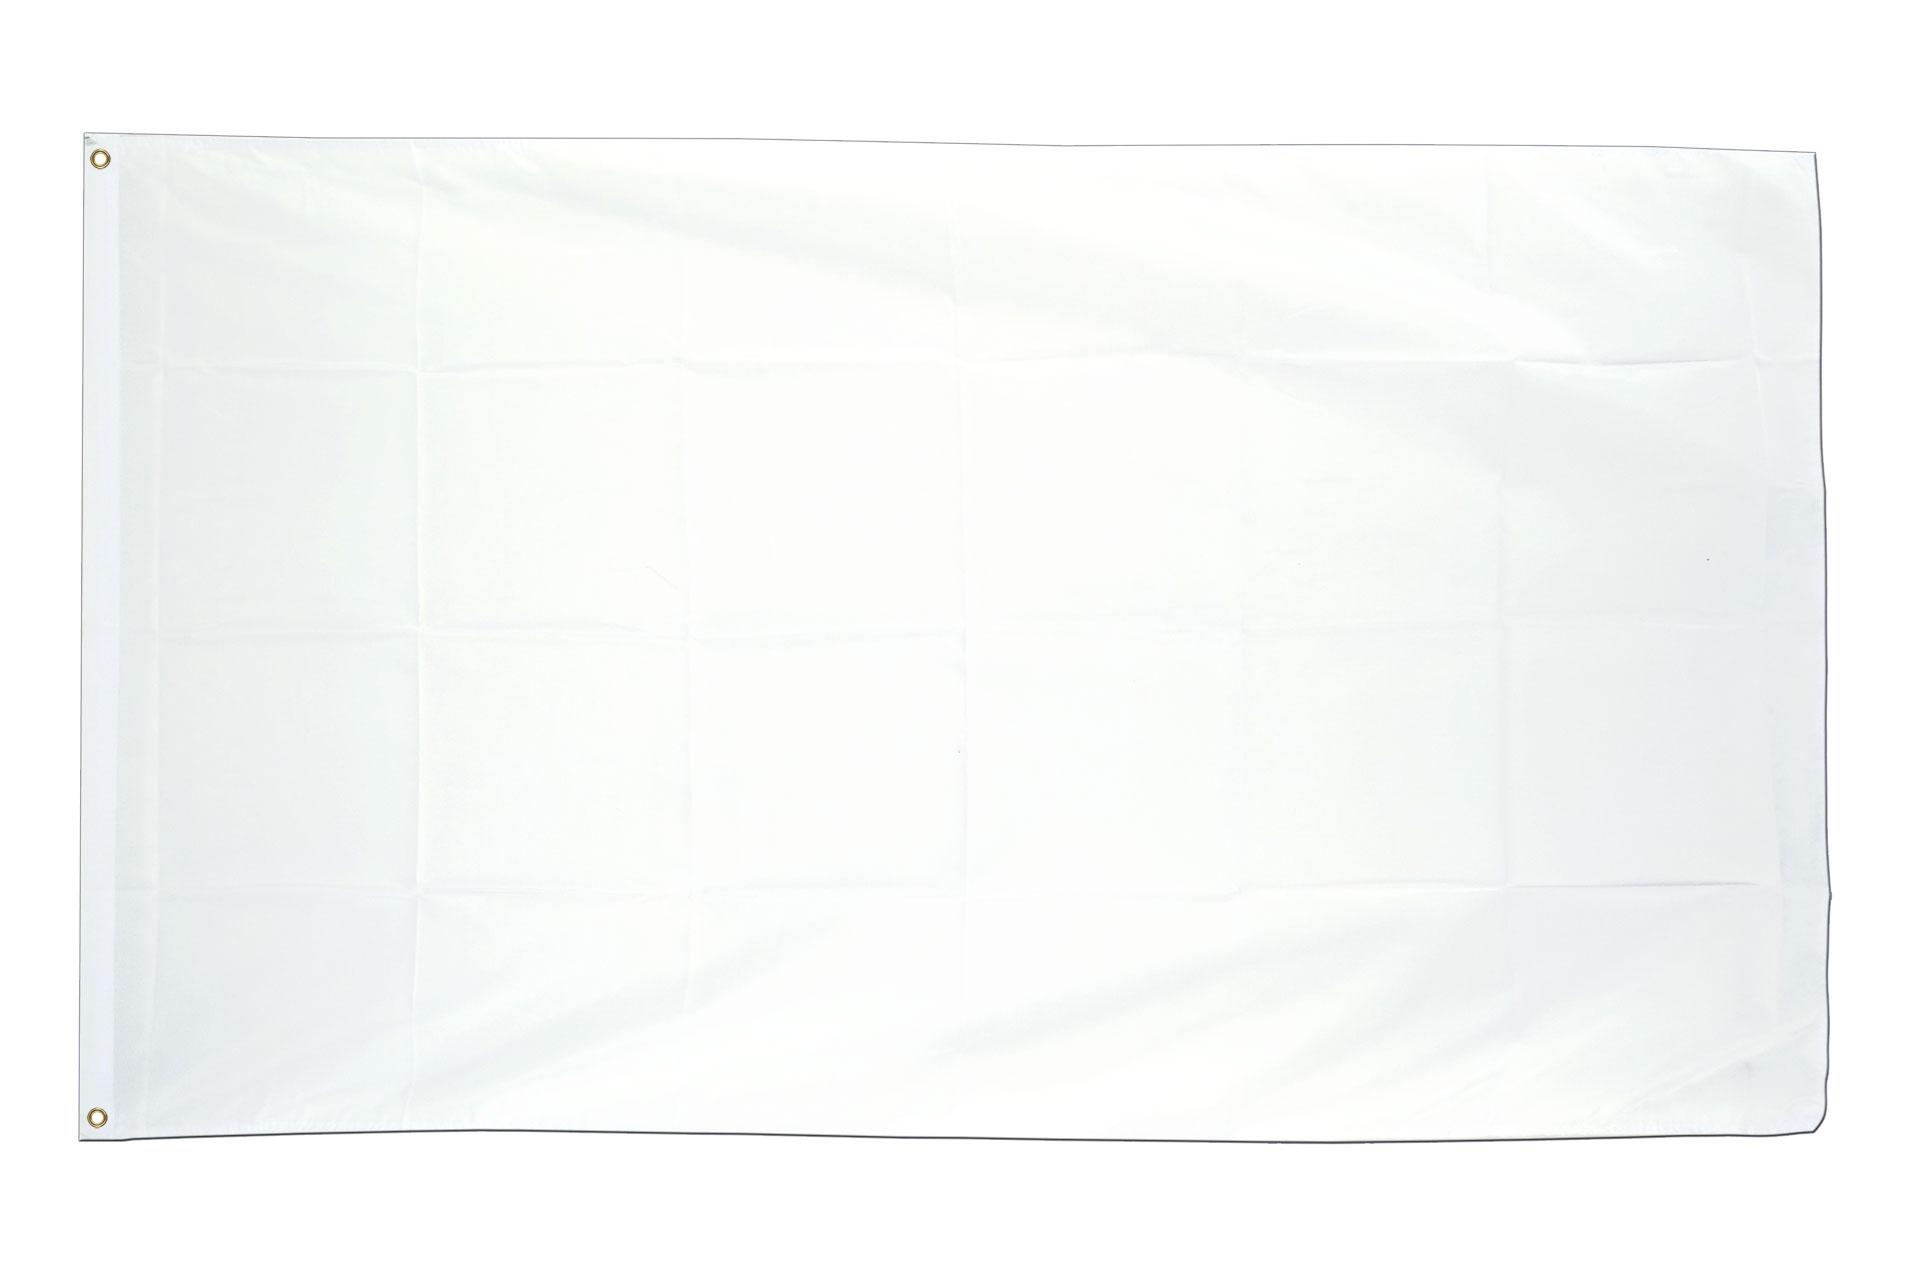 acheter drapeau blanc 90 x 150 cm monsieur des drapeaux. Black Bedroom Furniture Sets. Home Design Ideas